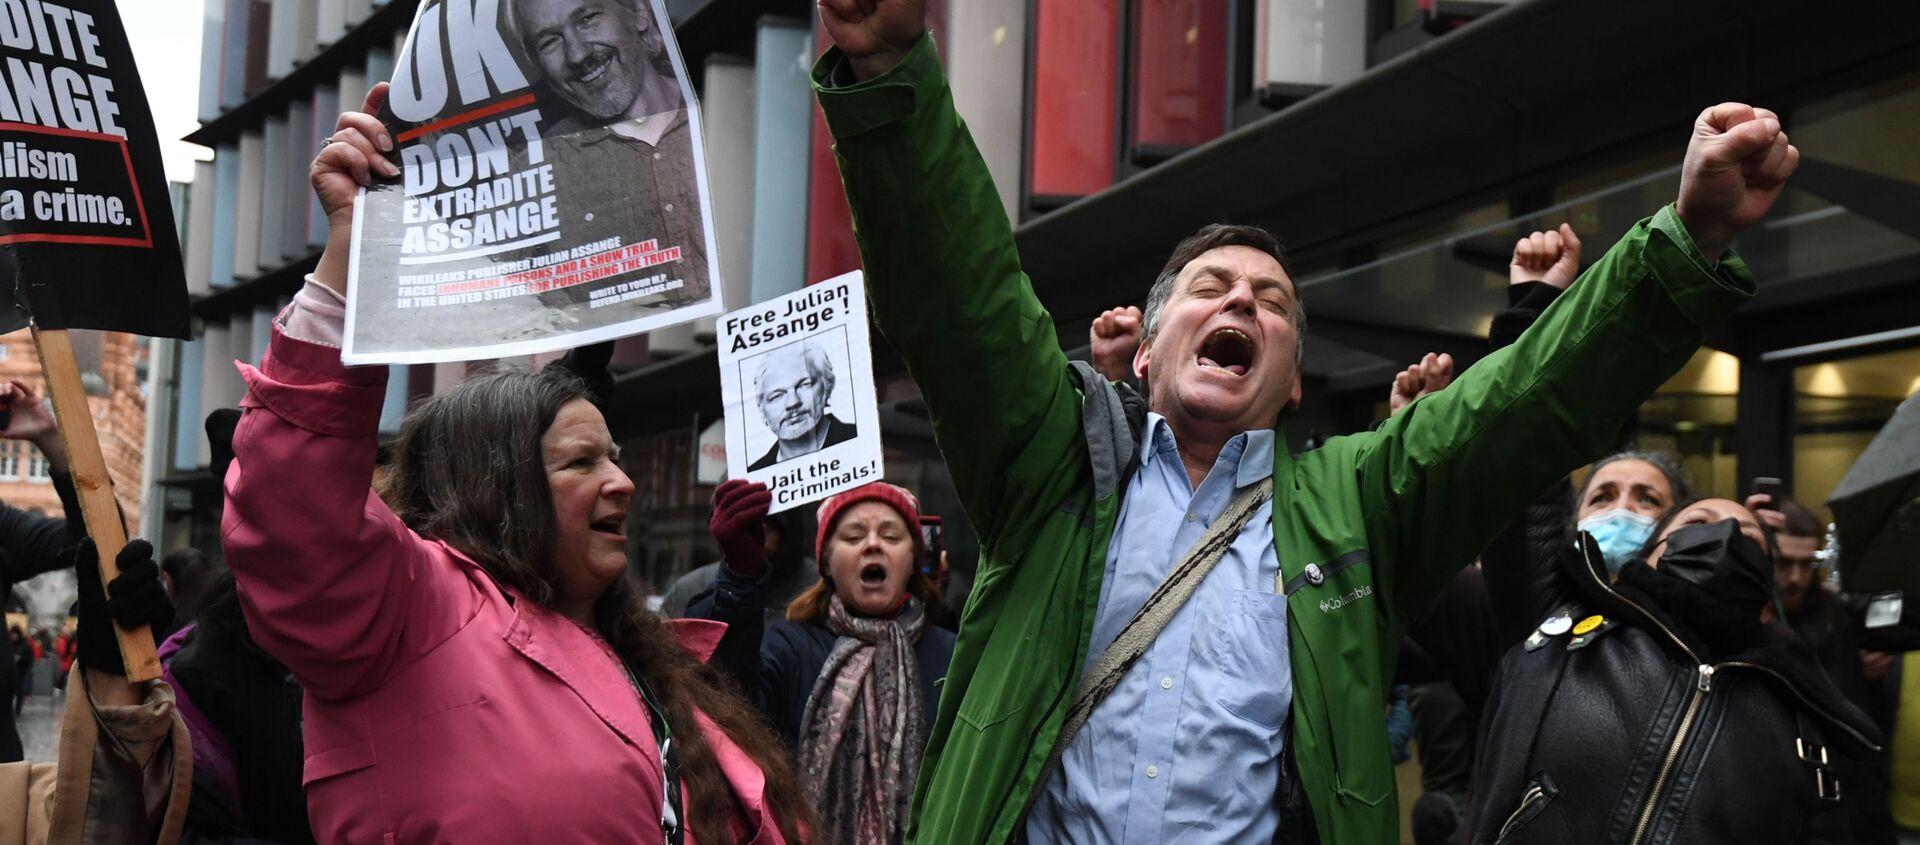 Zwolennicy założyciela WikiLeaks, Juliana Assange'a zbierają się w Central Court w Londynie - Sputnik Polska, 1920, 03.02.2021